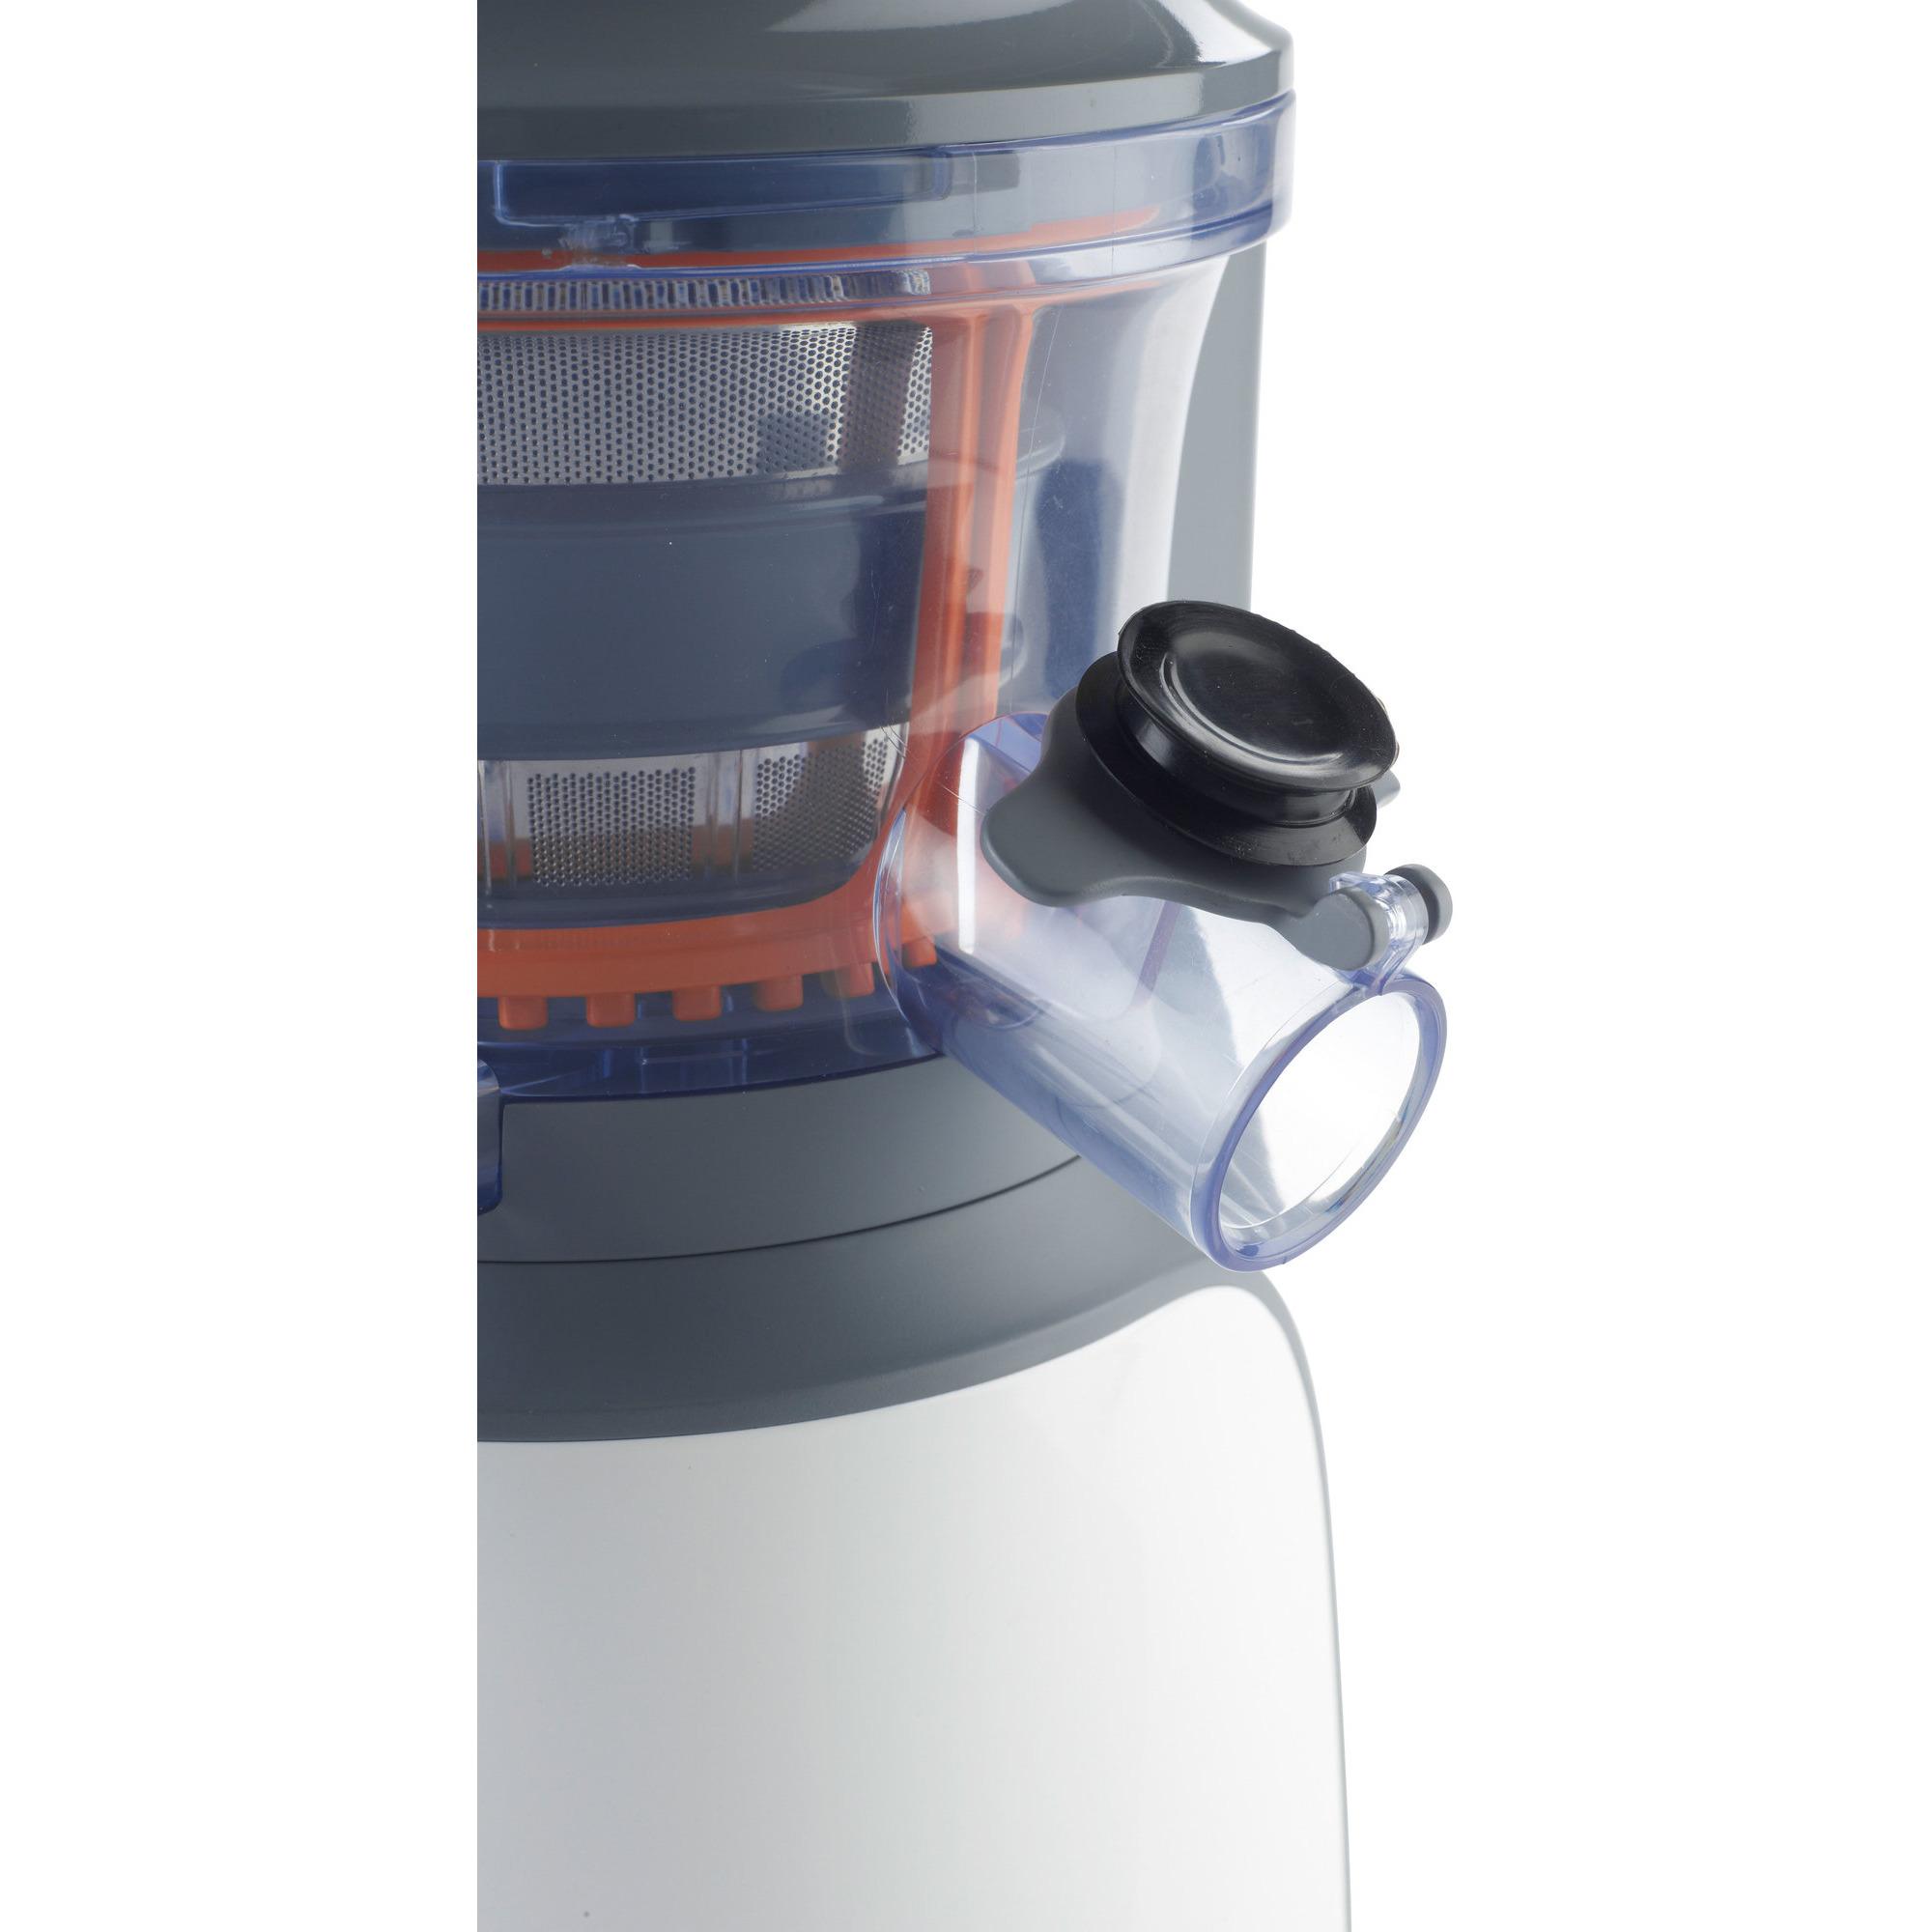 Kenwood Slow Juicer Jmp600wh Test : JMP600WH PureJuice Slow Juicer fran Kenwood Gratis leverans